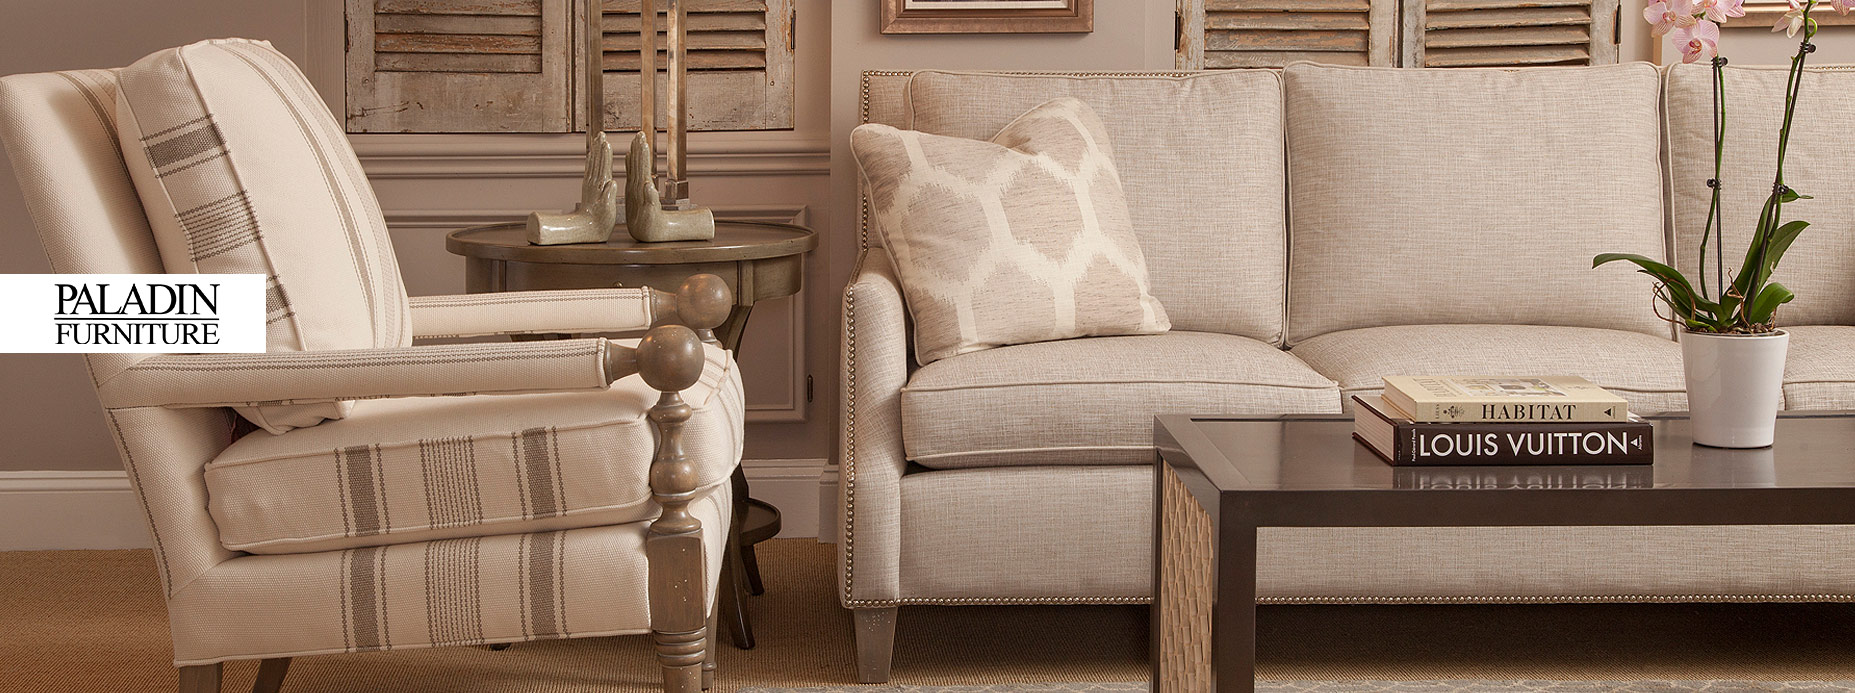 Merveilleux HOME / BRANDS / Paladin Furniture